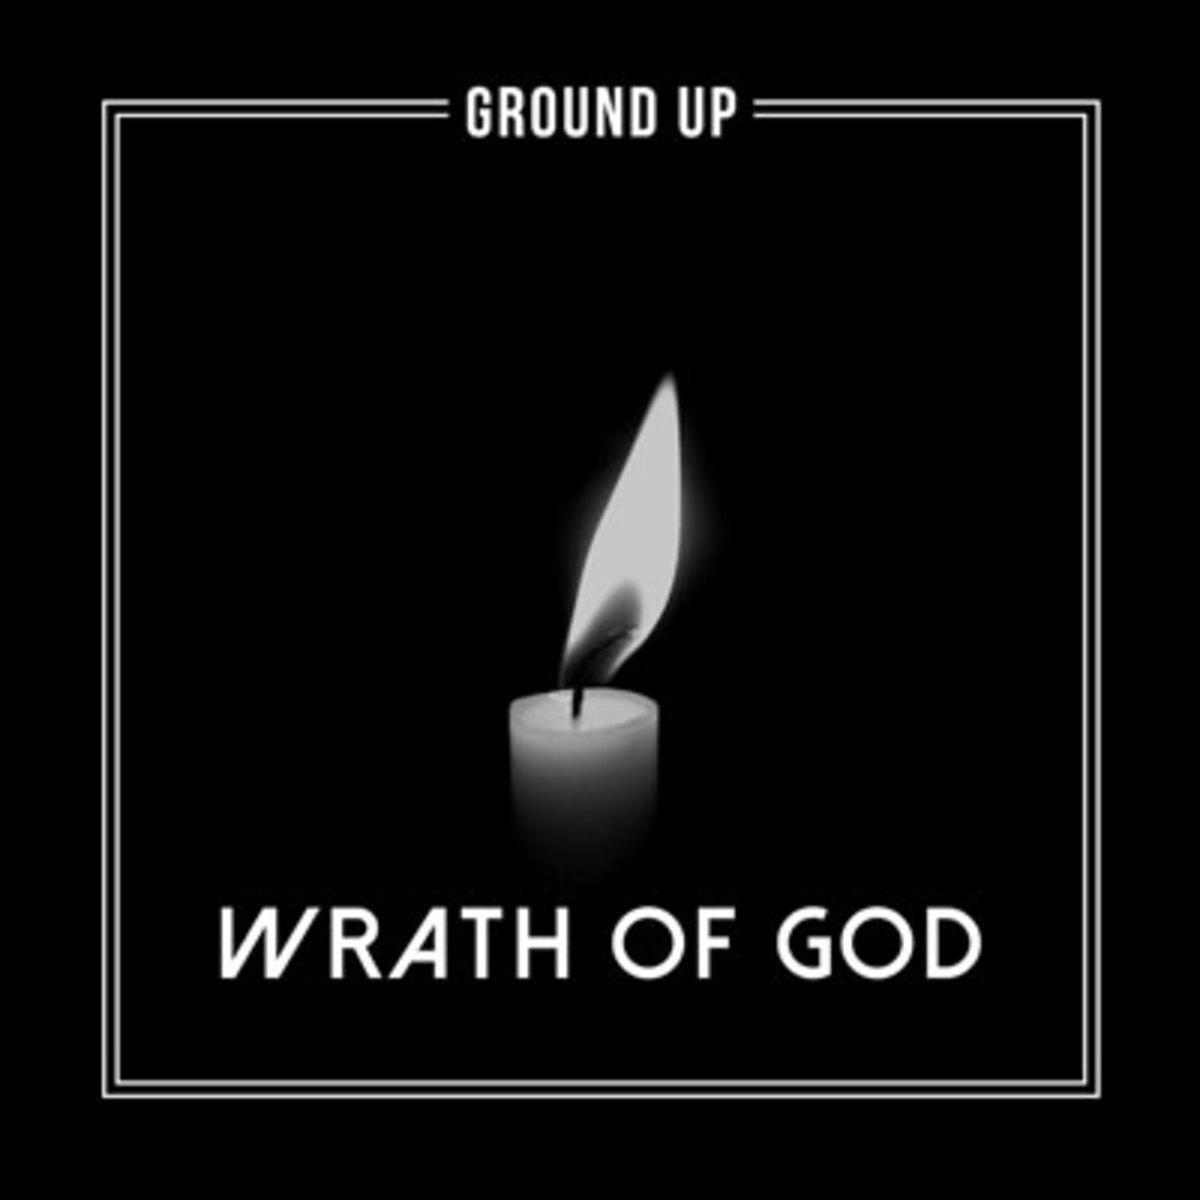 groundup-wrathofgod.jpg